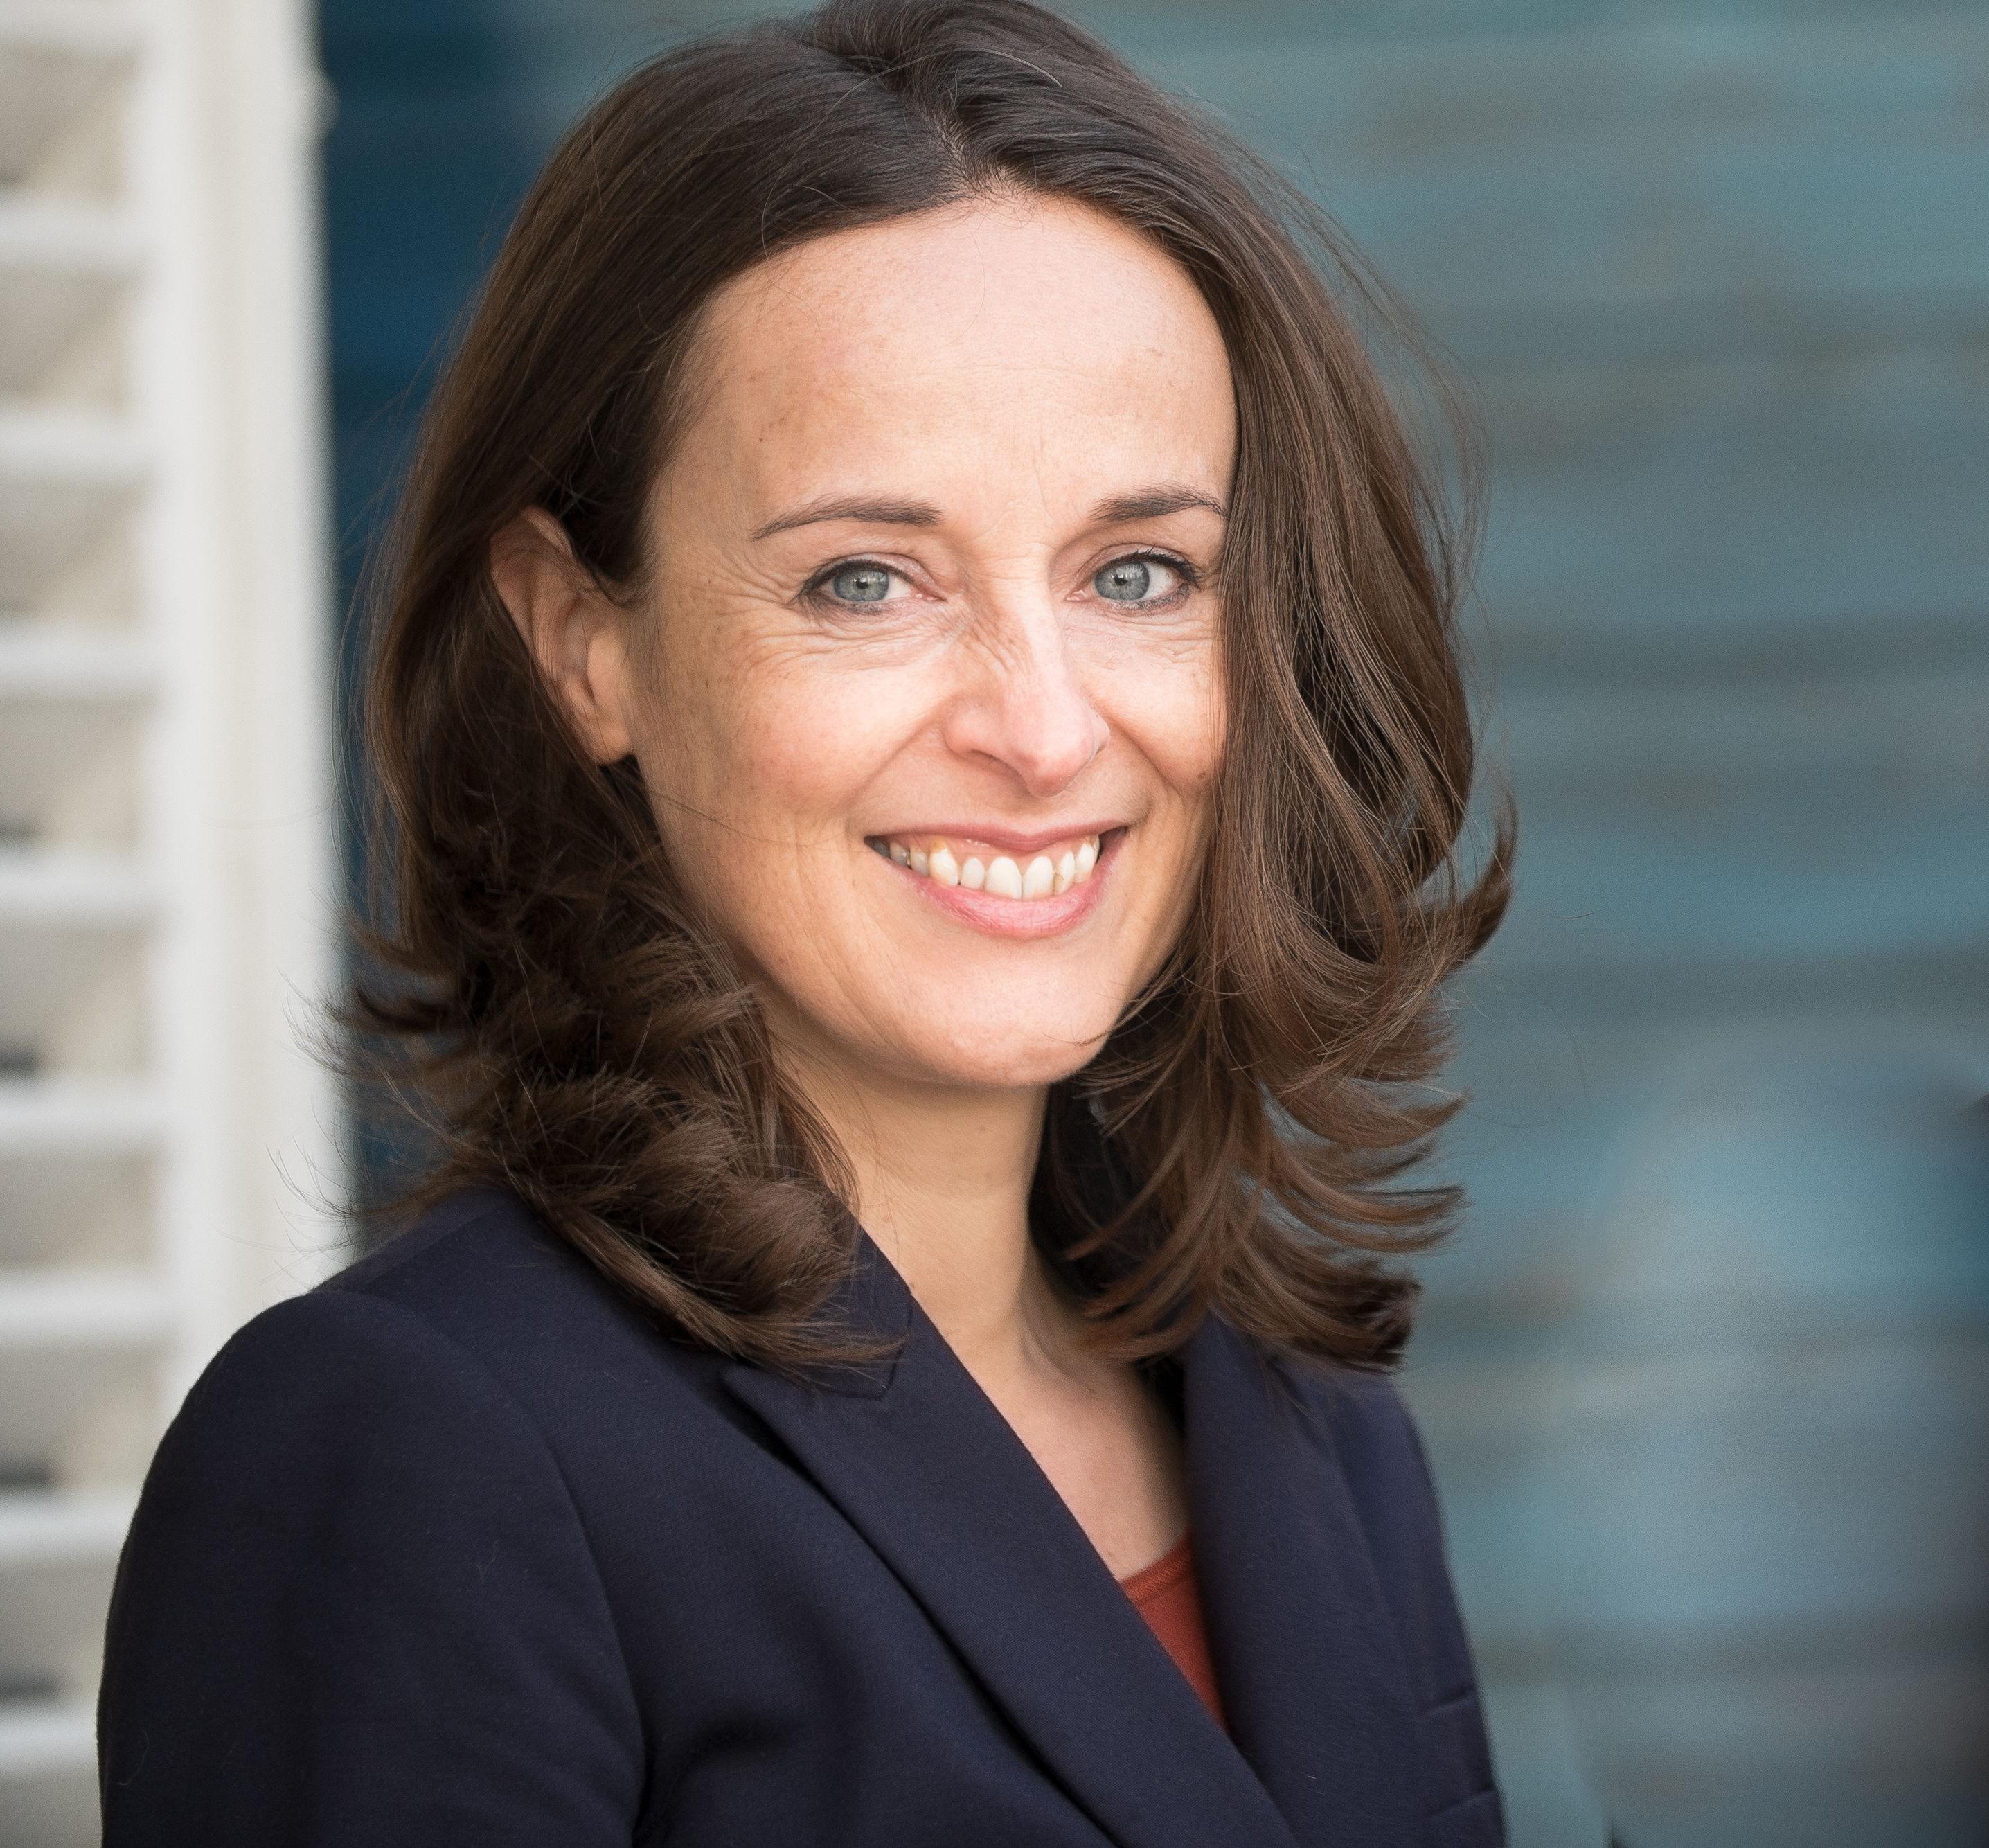 Dorothee Schäfer_Beteiligungsprozesse, Unternehmenstransformation_Partner von Lumar GmbH